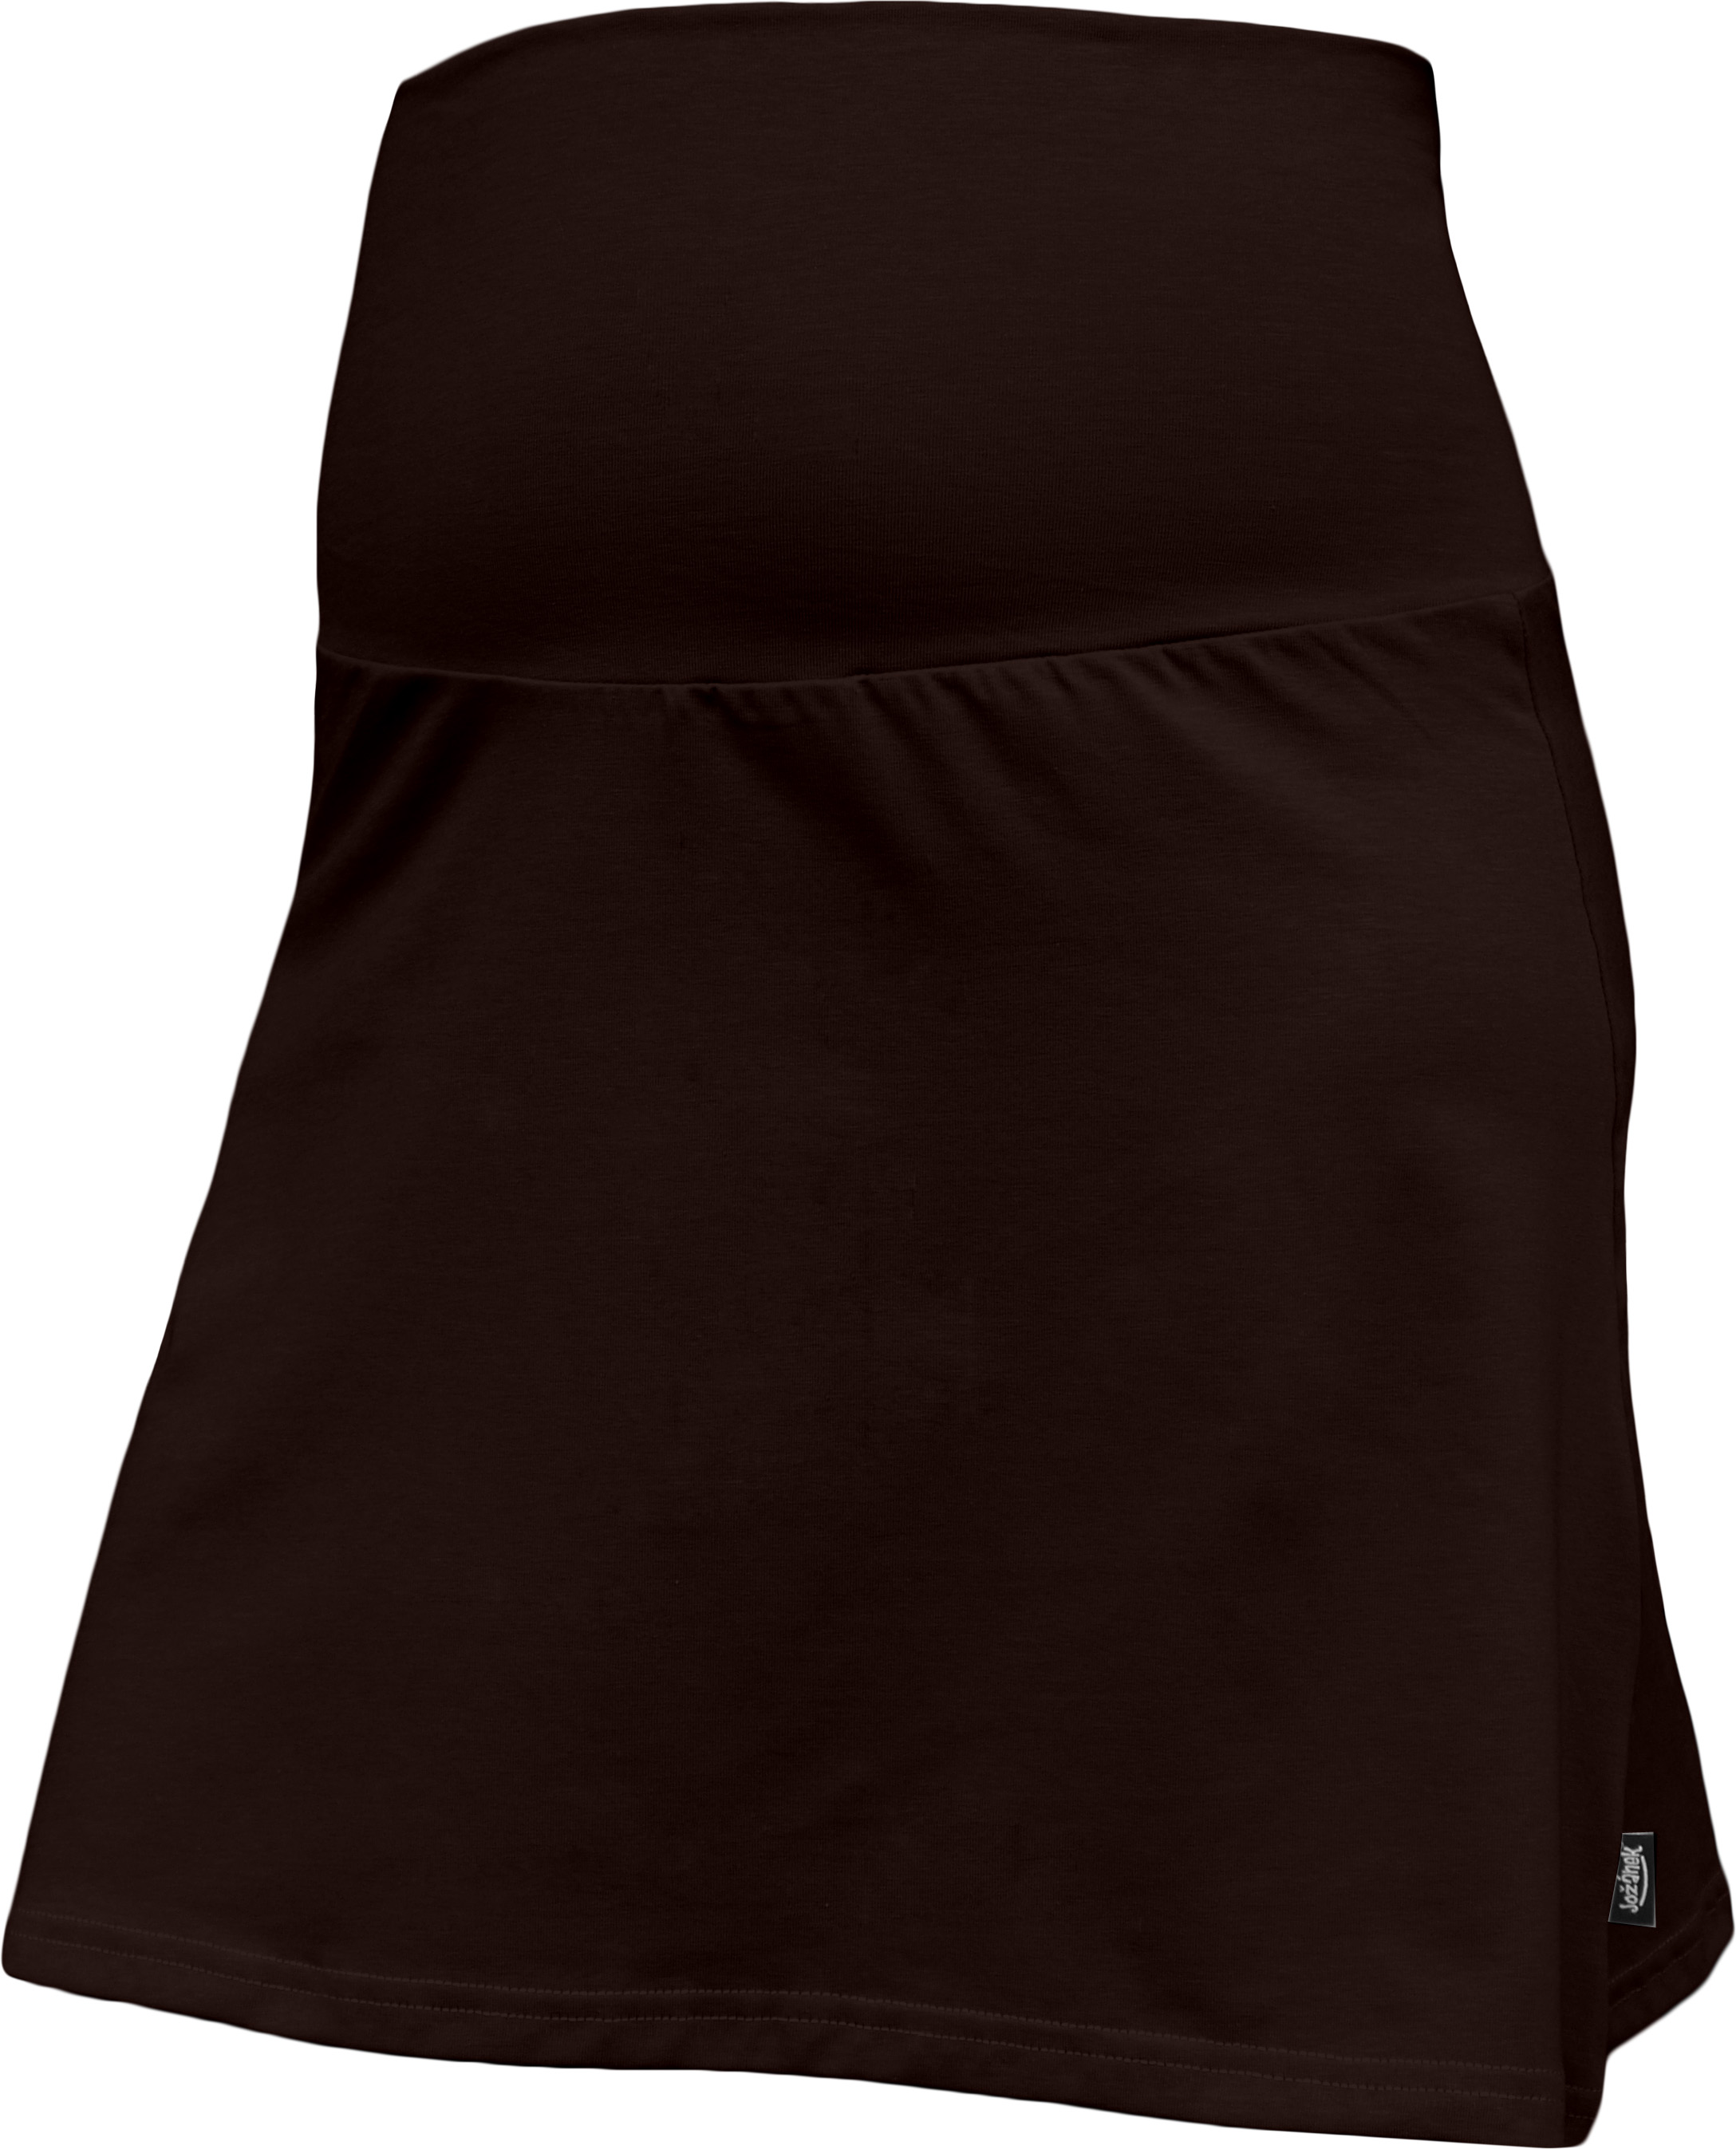 Těhotenská sukně Jolana, hnědá